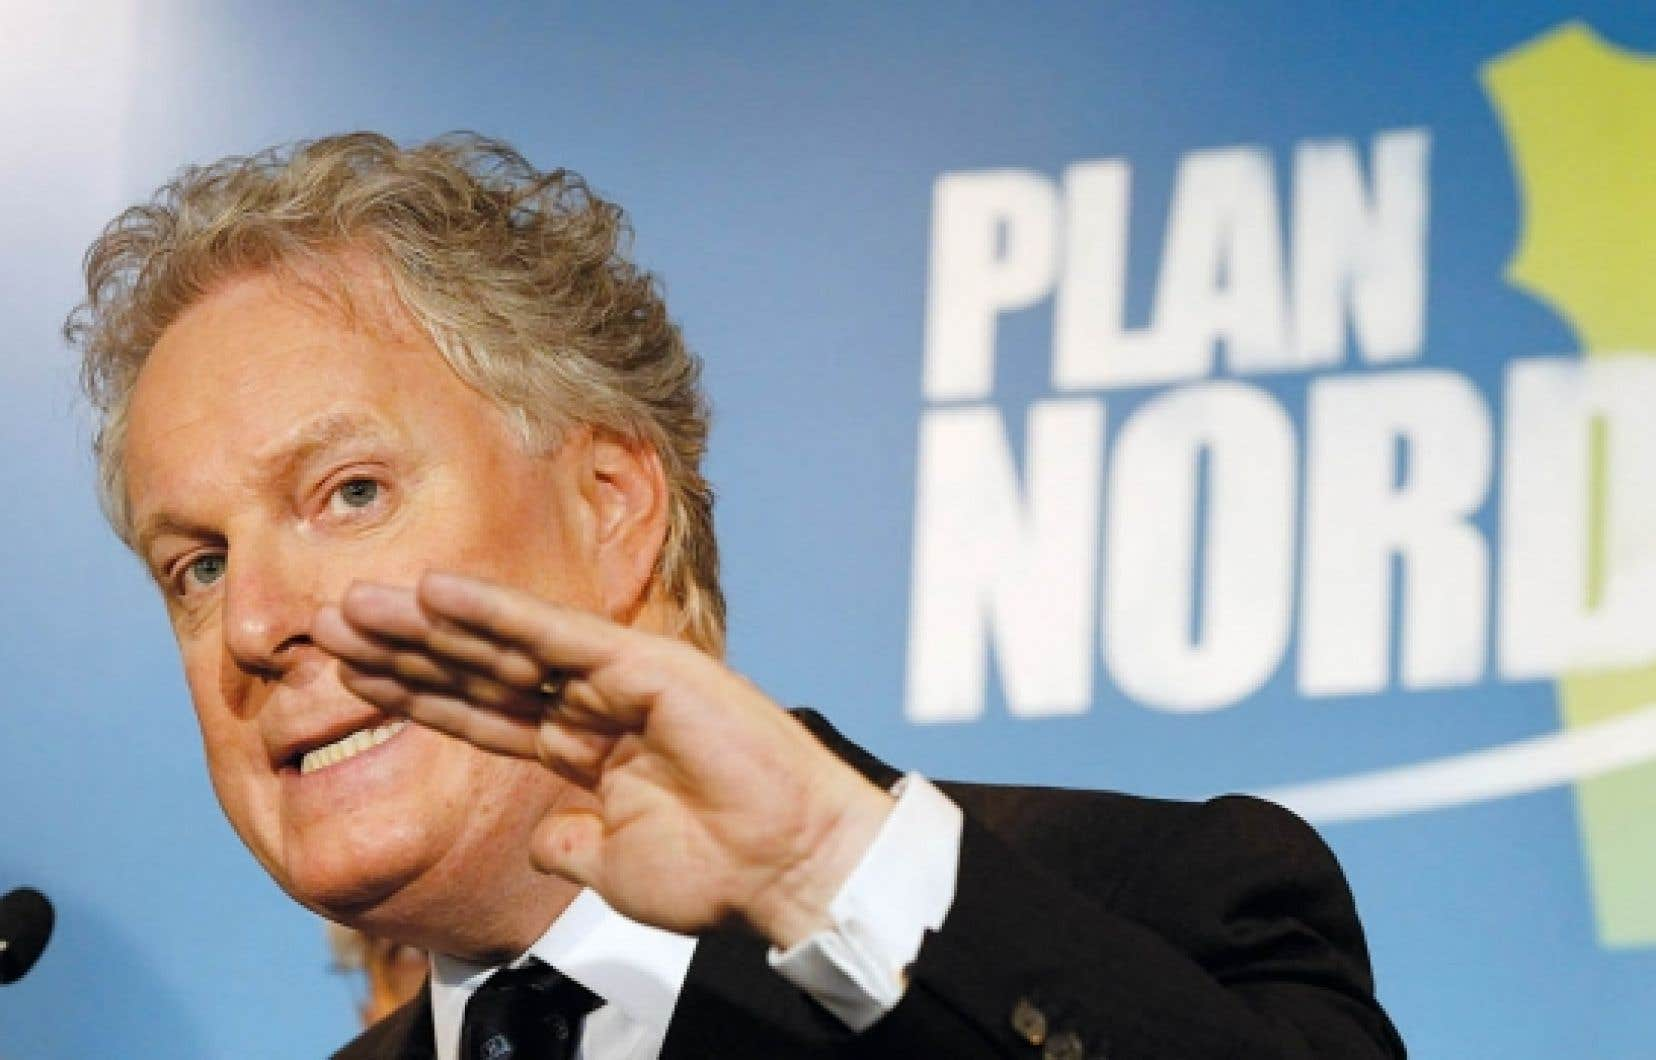 Le premier ministre Jean Charest lors du d&eacute;voilement en grande pompe du tant attendu Plan Nord, lundi dernier.<br />